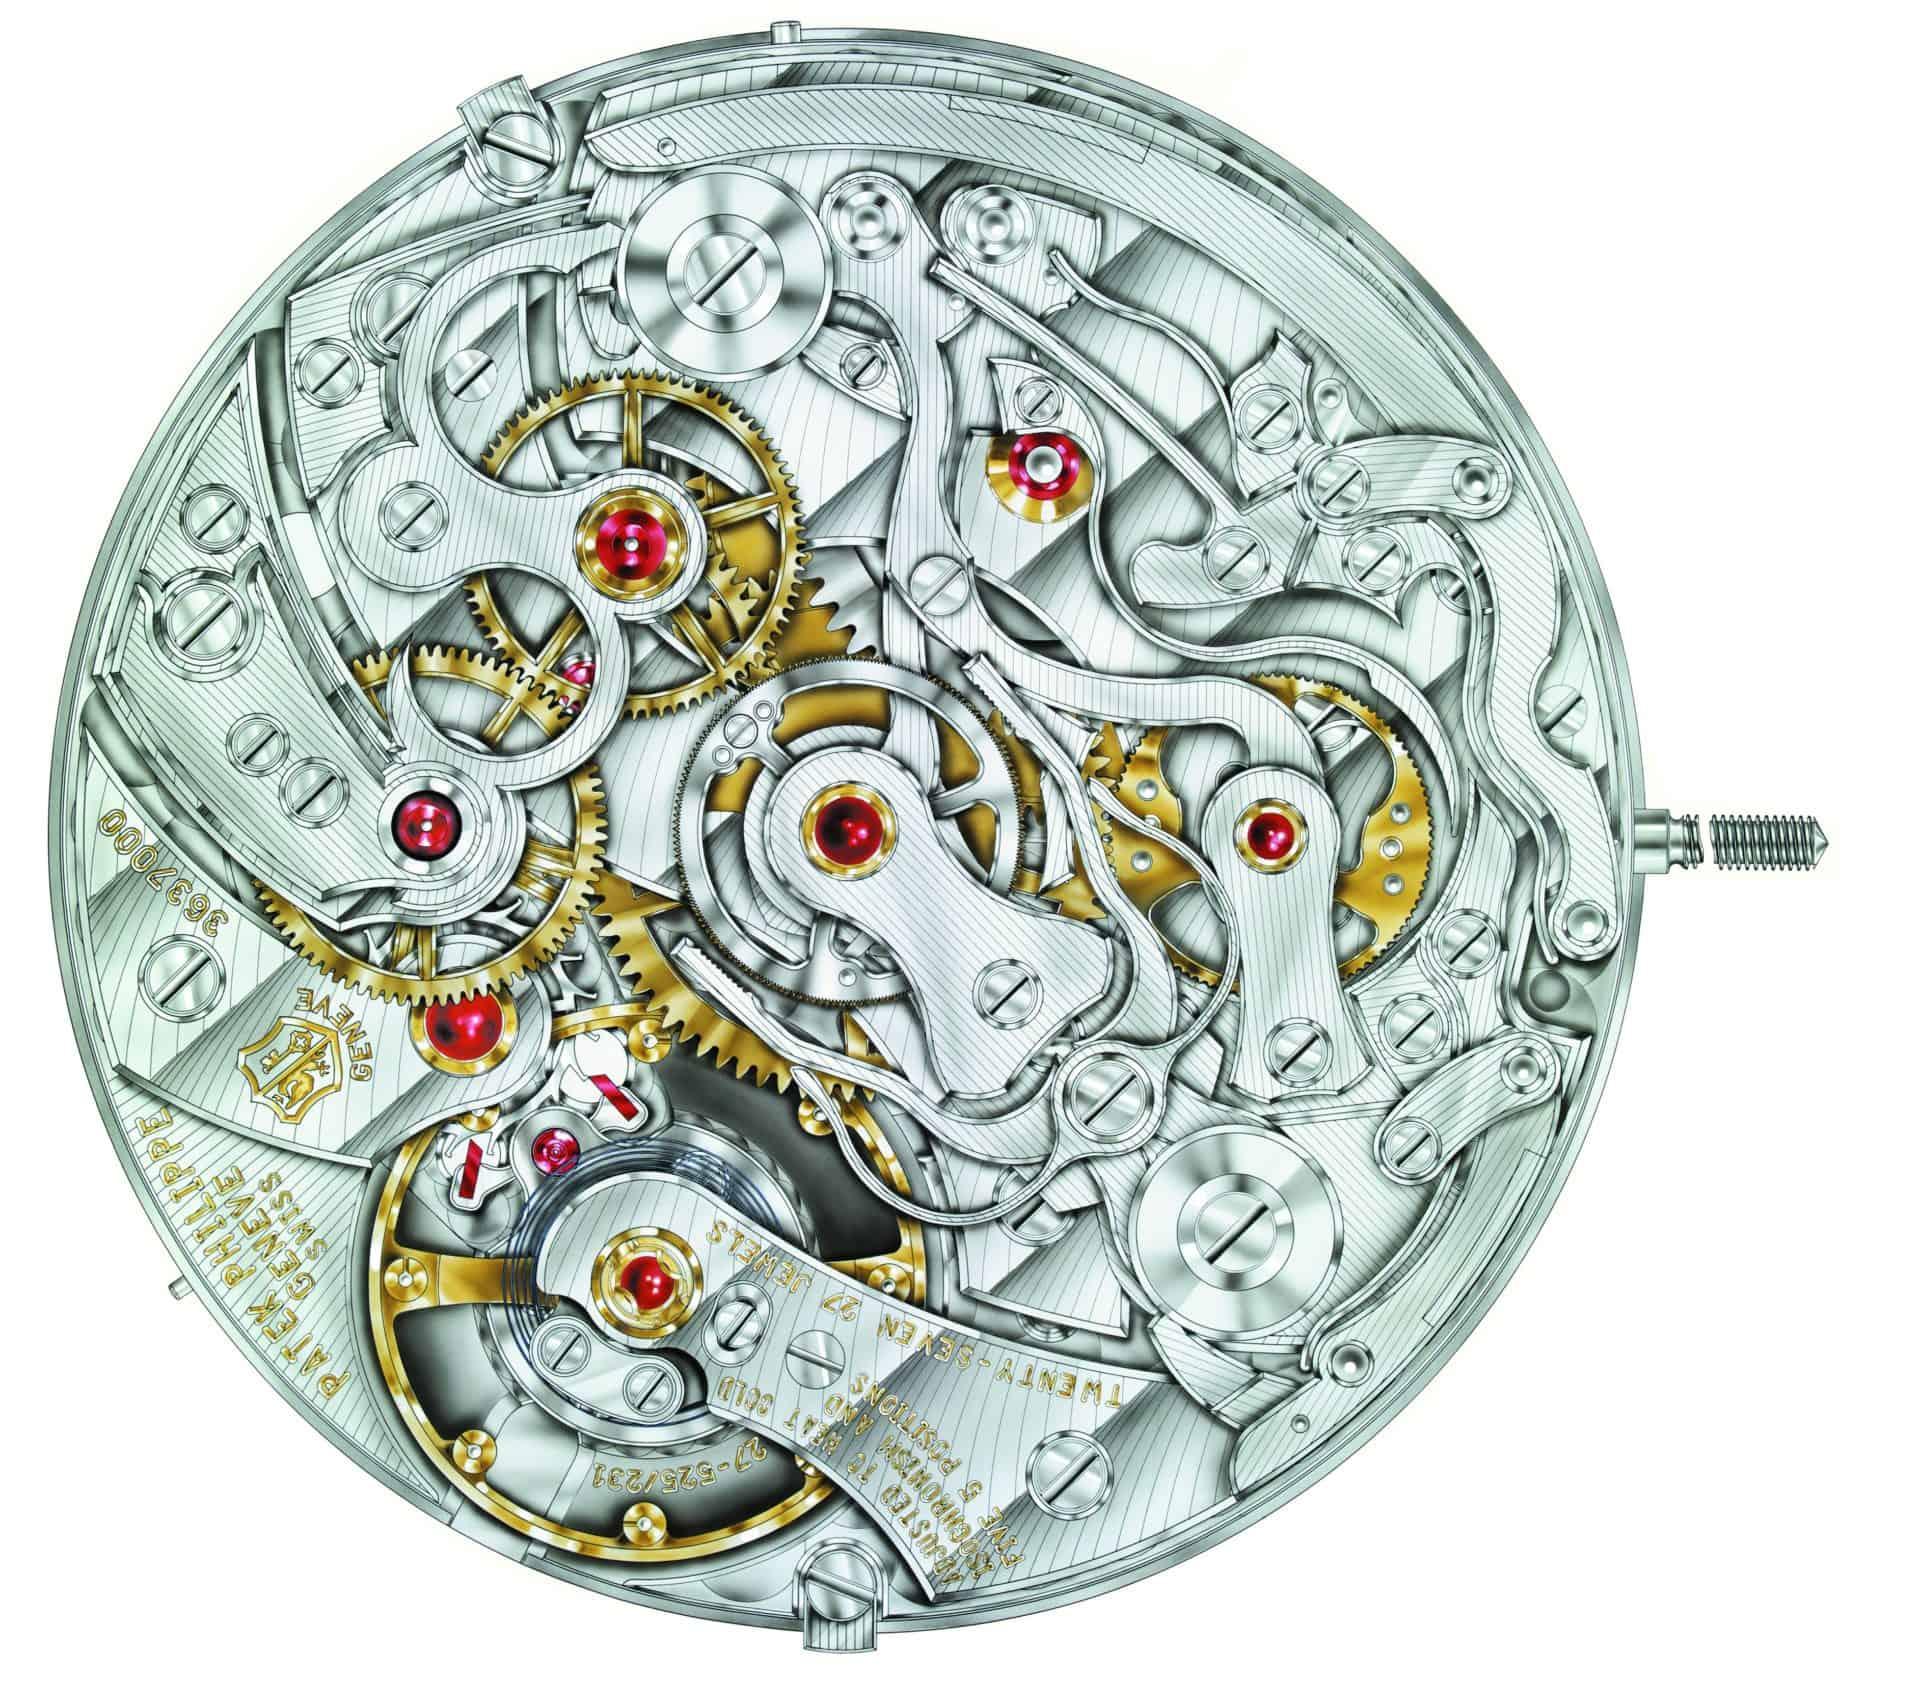 Des Uhrmachers Himmel - feinster Werkbau von Patek Philippe mit den gut sichtbaren Rubinen